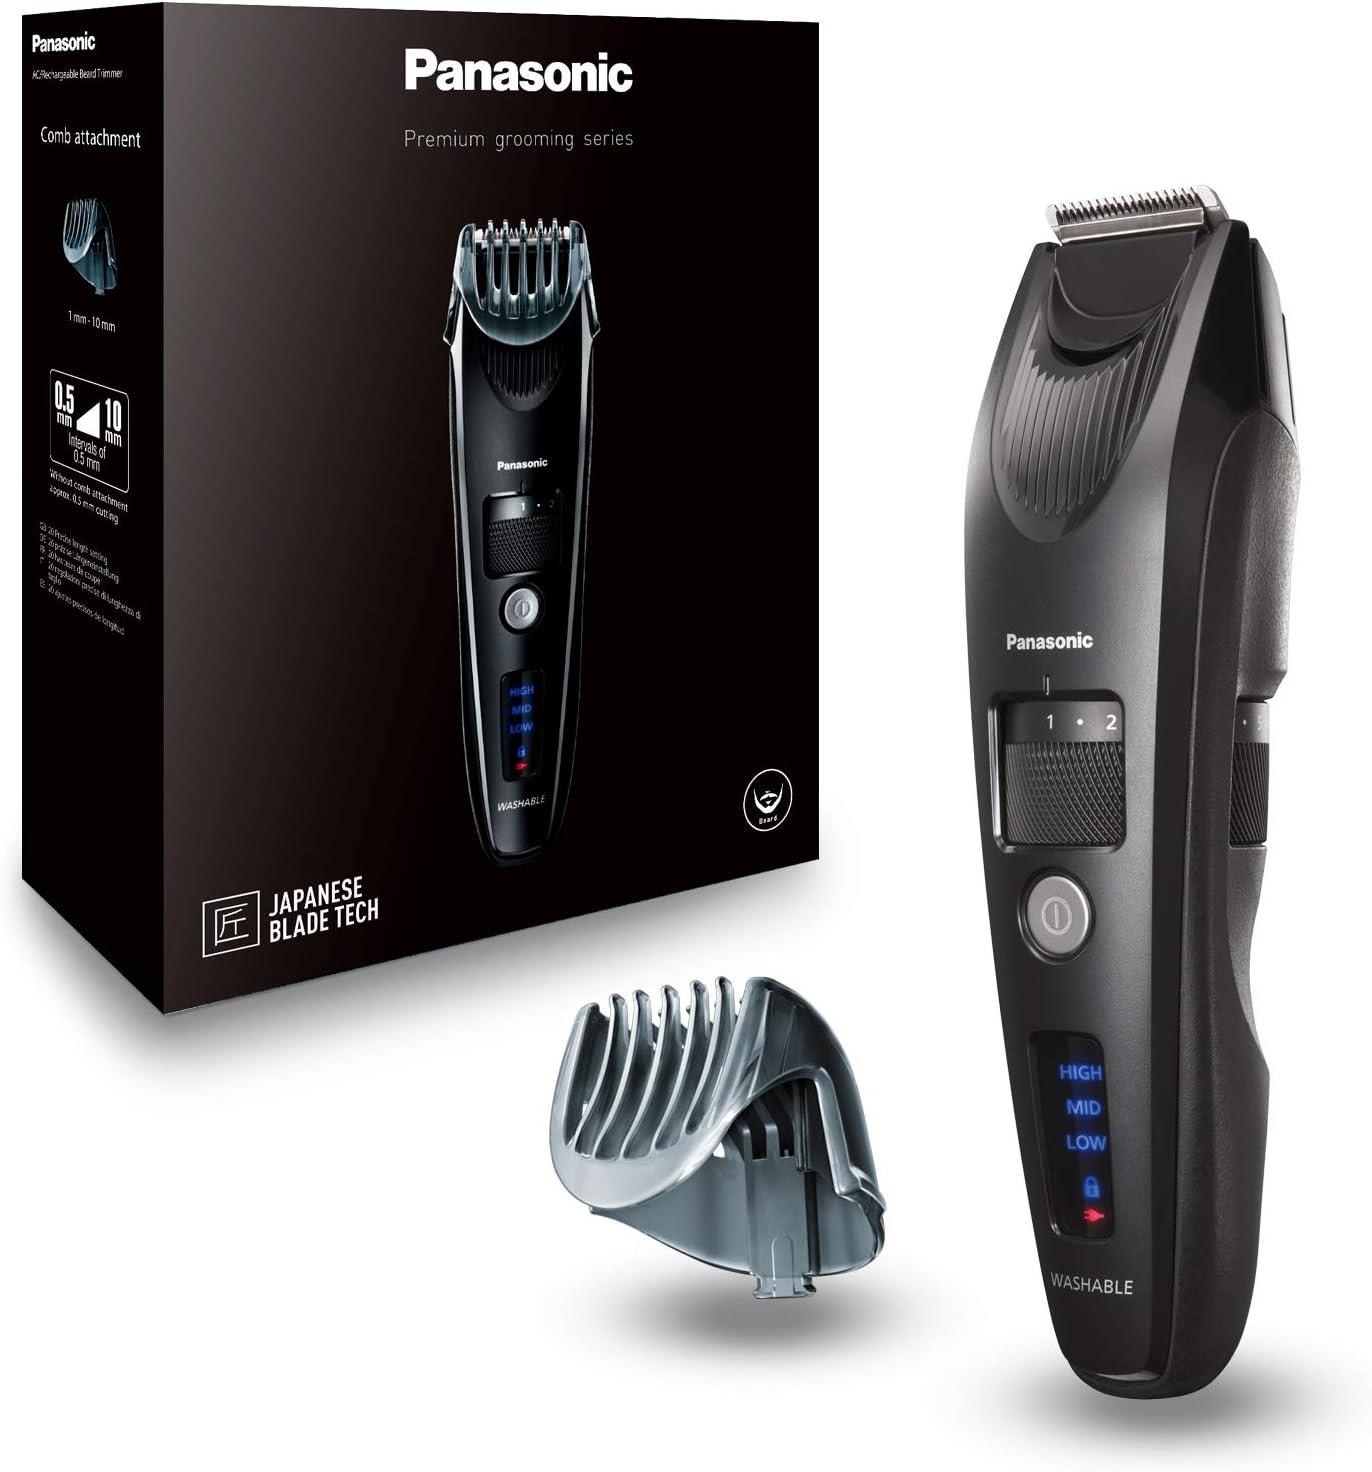 Panasonic ER-SB40-K803 - Barbero Premium de Precisión (Motor Ultrarrápido, Carga Rápida, Accesorio Adicional, Con o Sin cable, Motor Lineal, 19 Longitudes) Negro